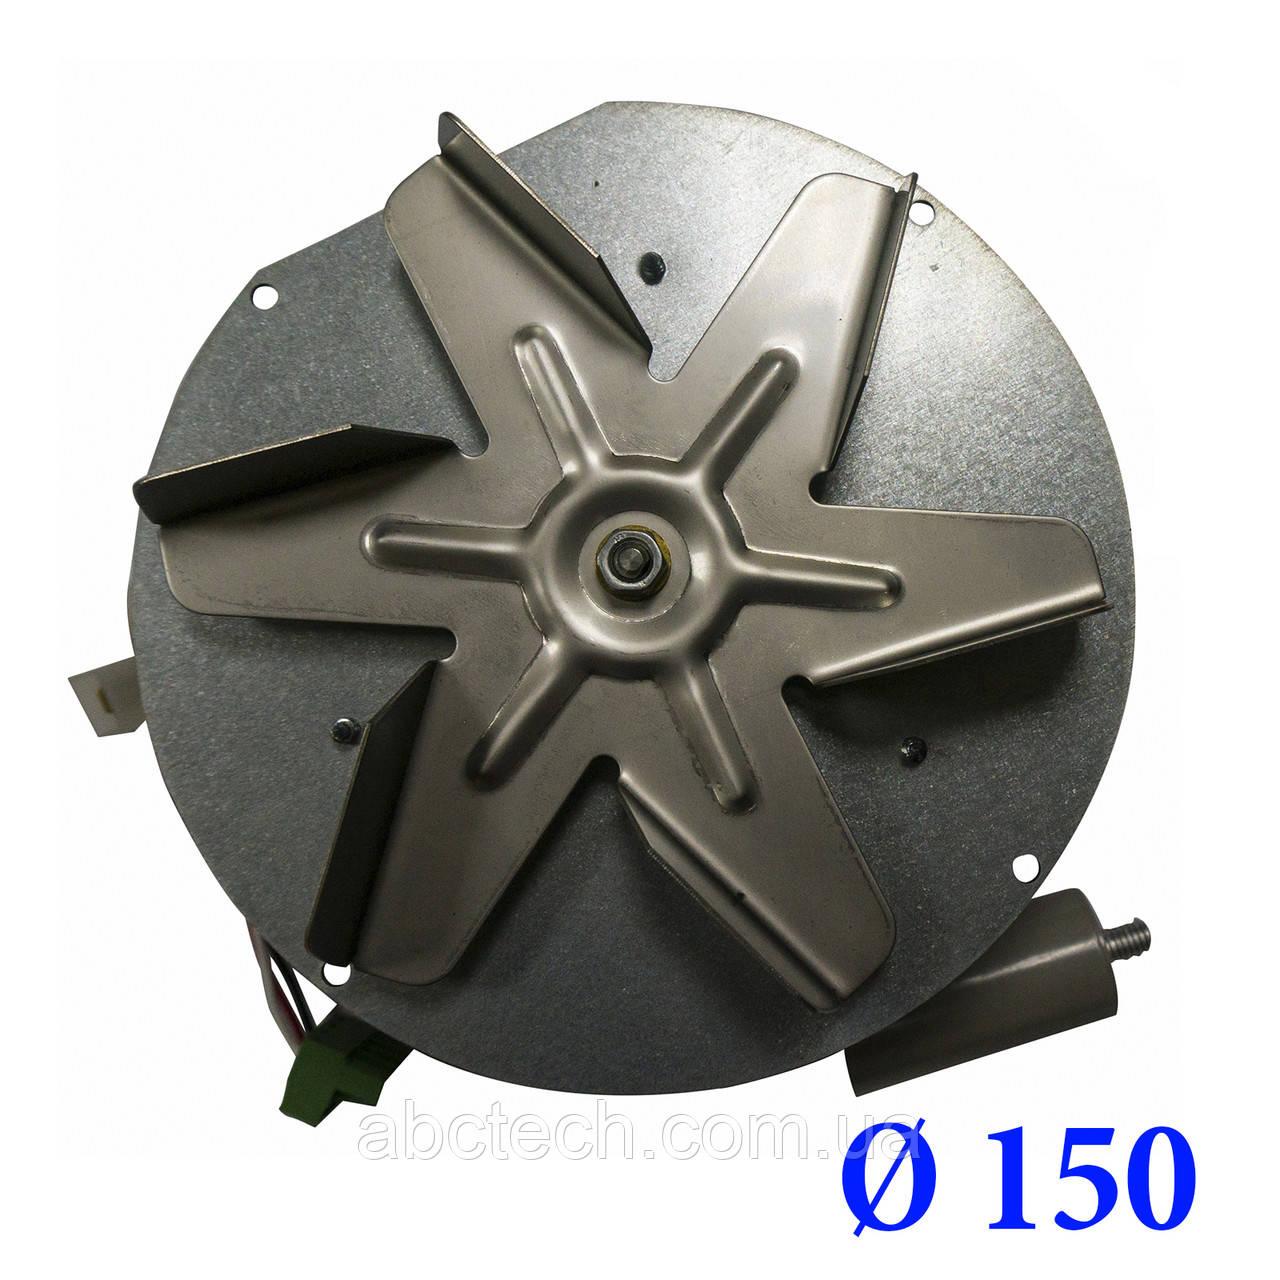 Двигун димососа для твердопаливного котла і печі, Двигун витяжного вентилятора для посилення тяги 150мм